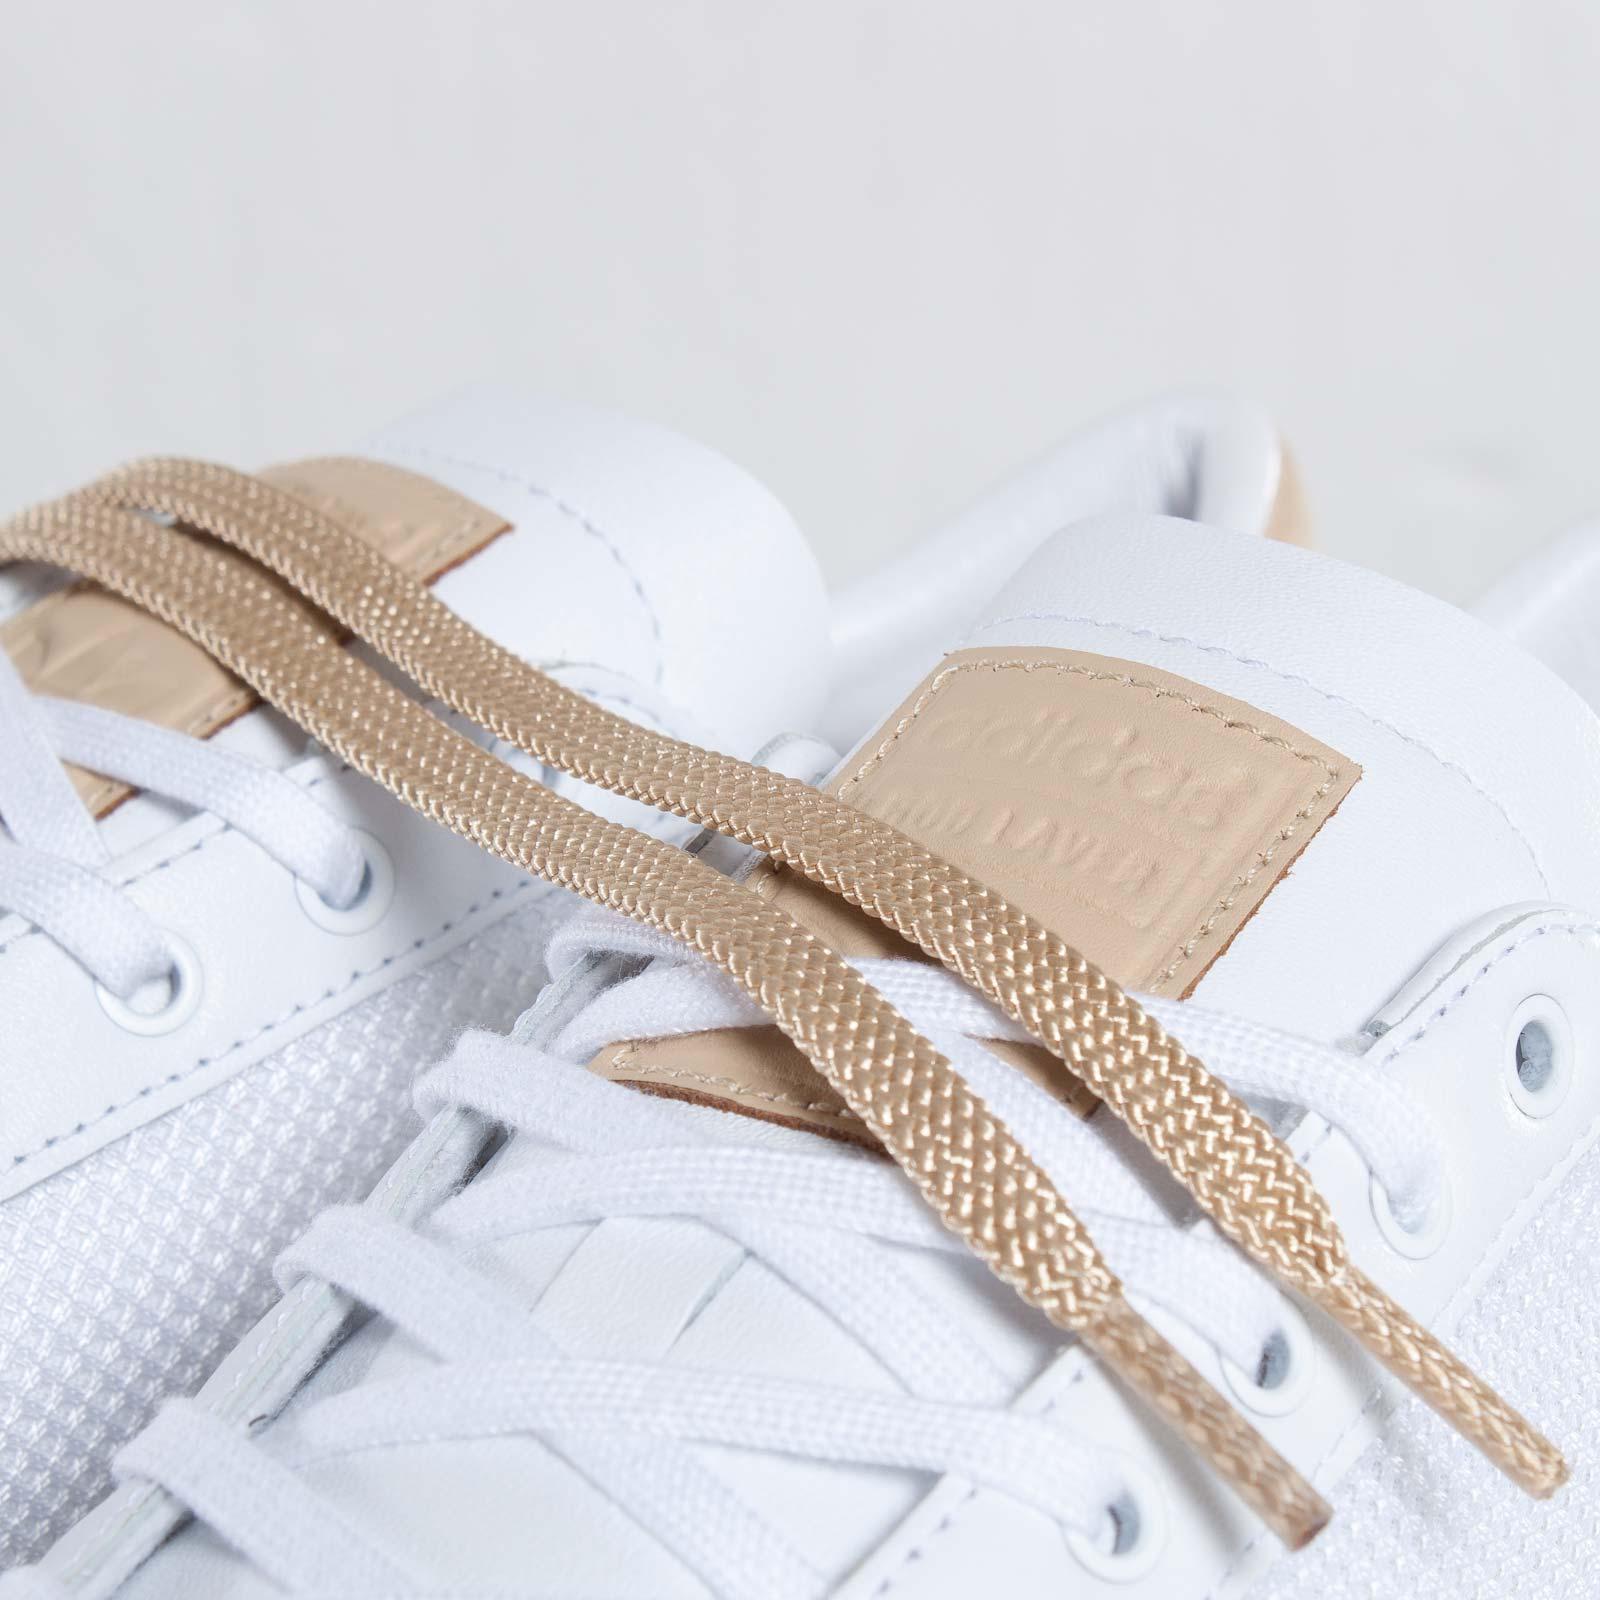 wholesale dealer 27d02 327be adidas Rod Laver Vin UA - 110129 - Sneakersnstuff   sneakers   streetwear  online since 1999